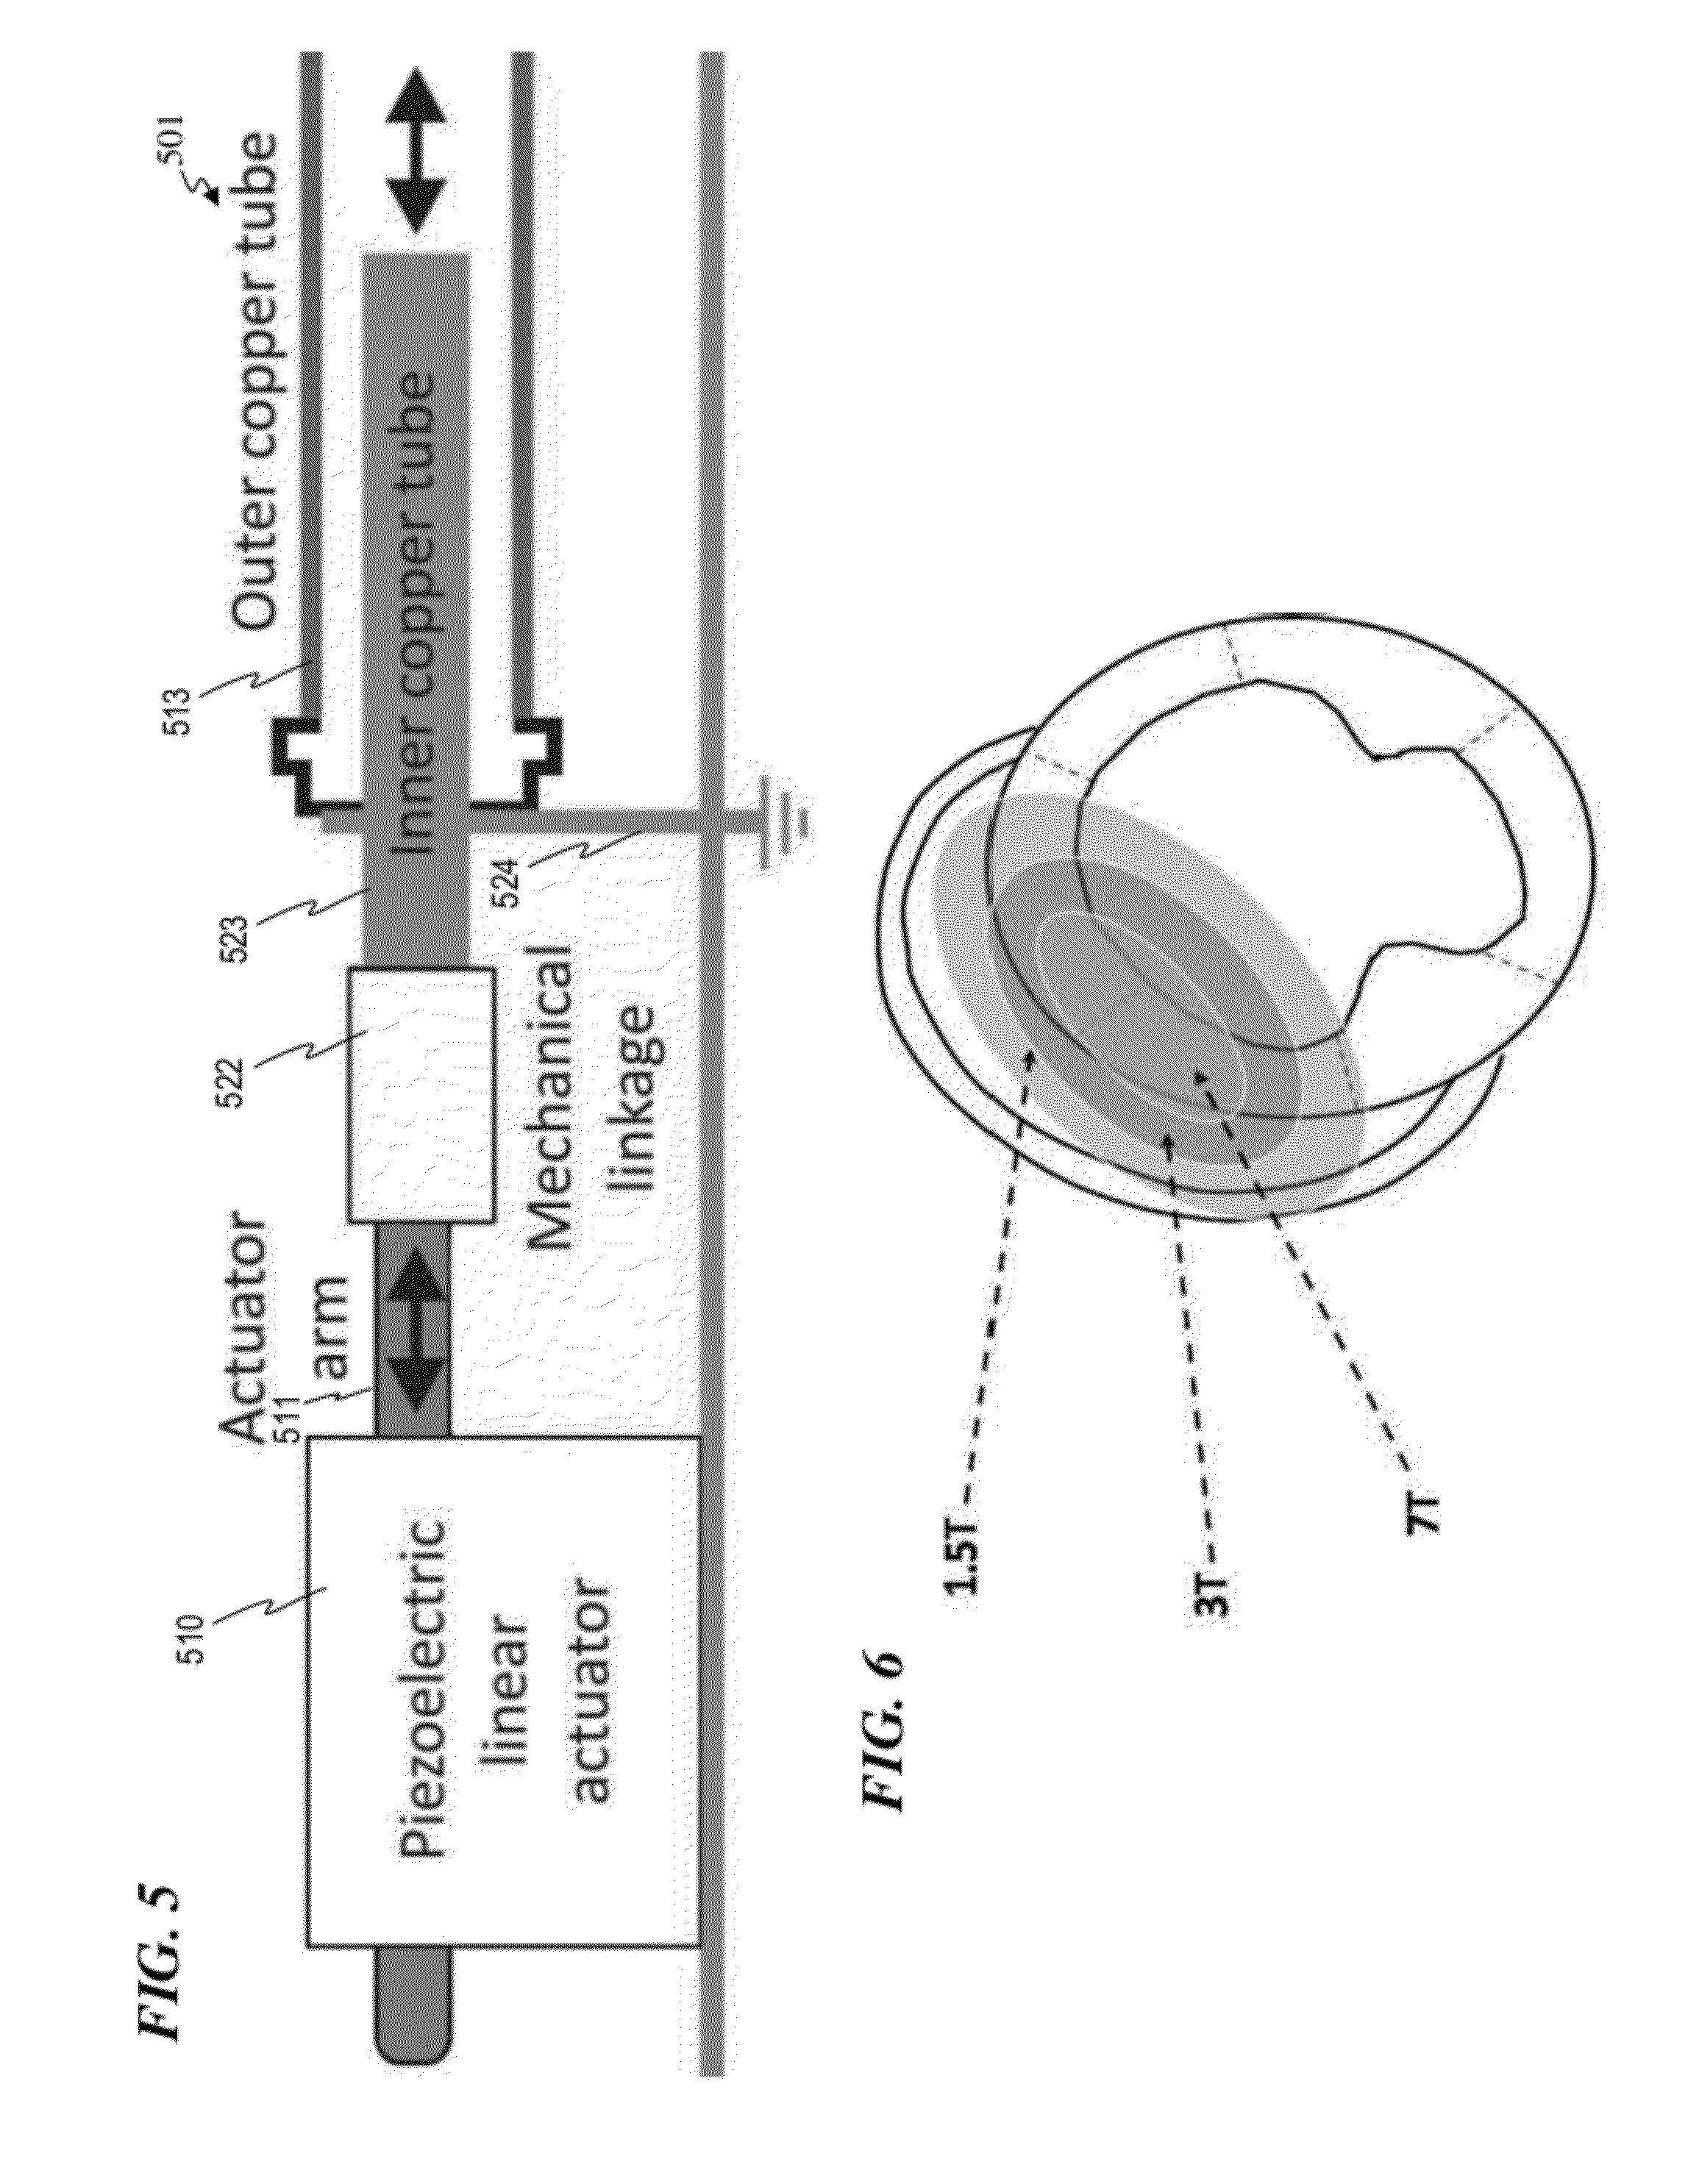 patent us20120032678